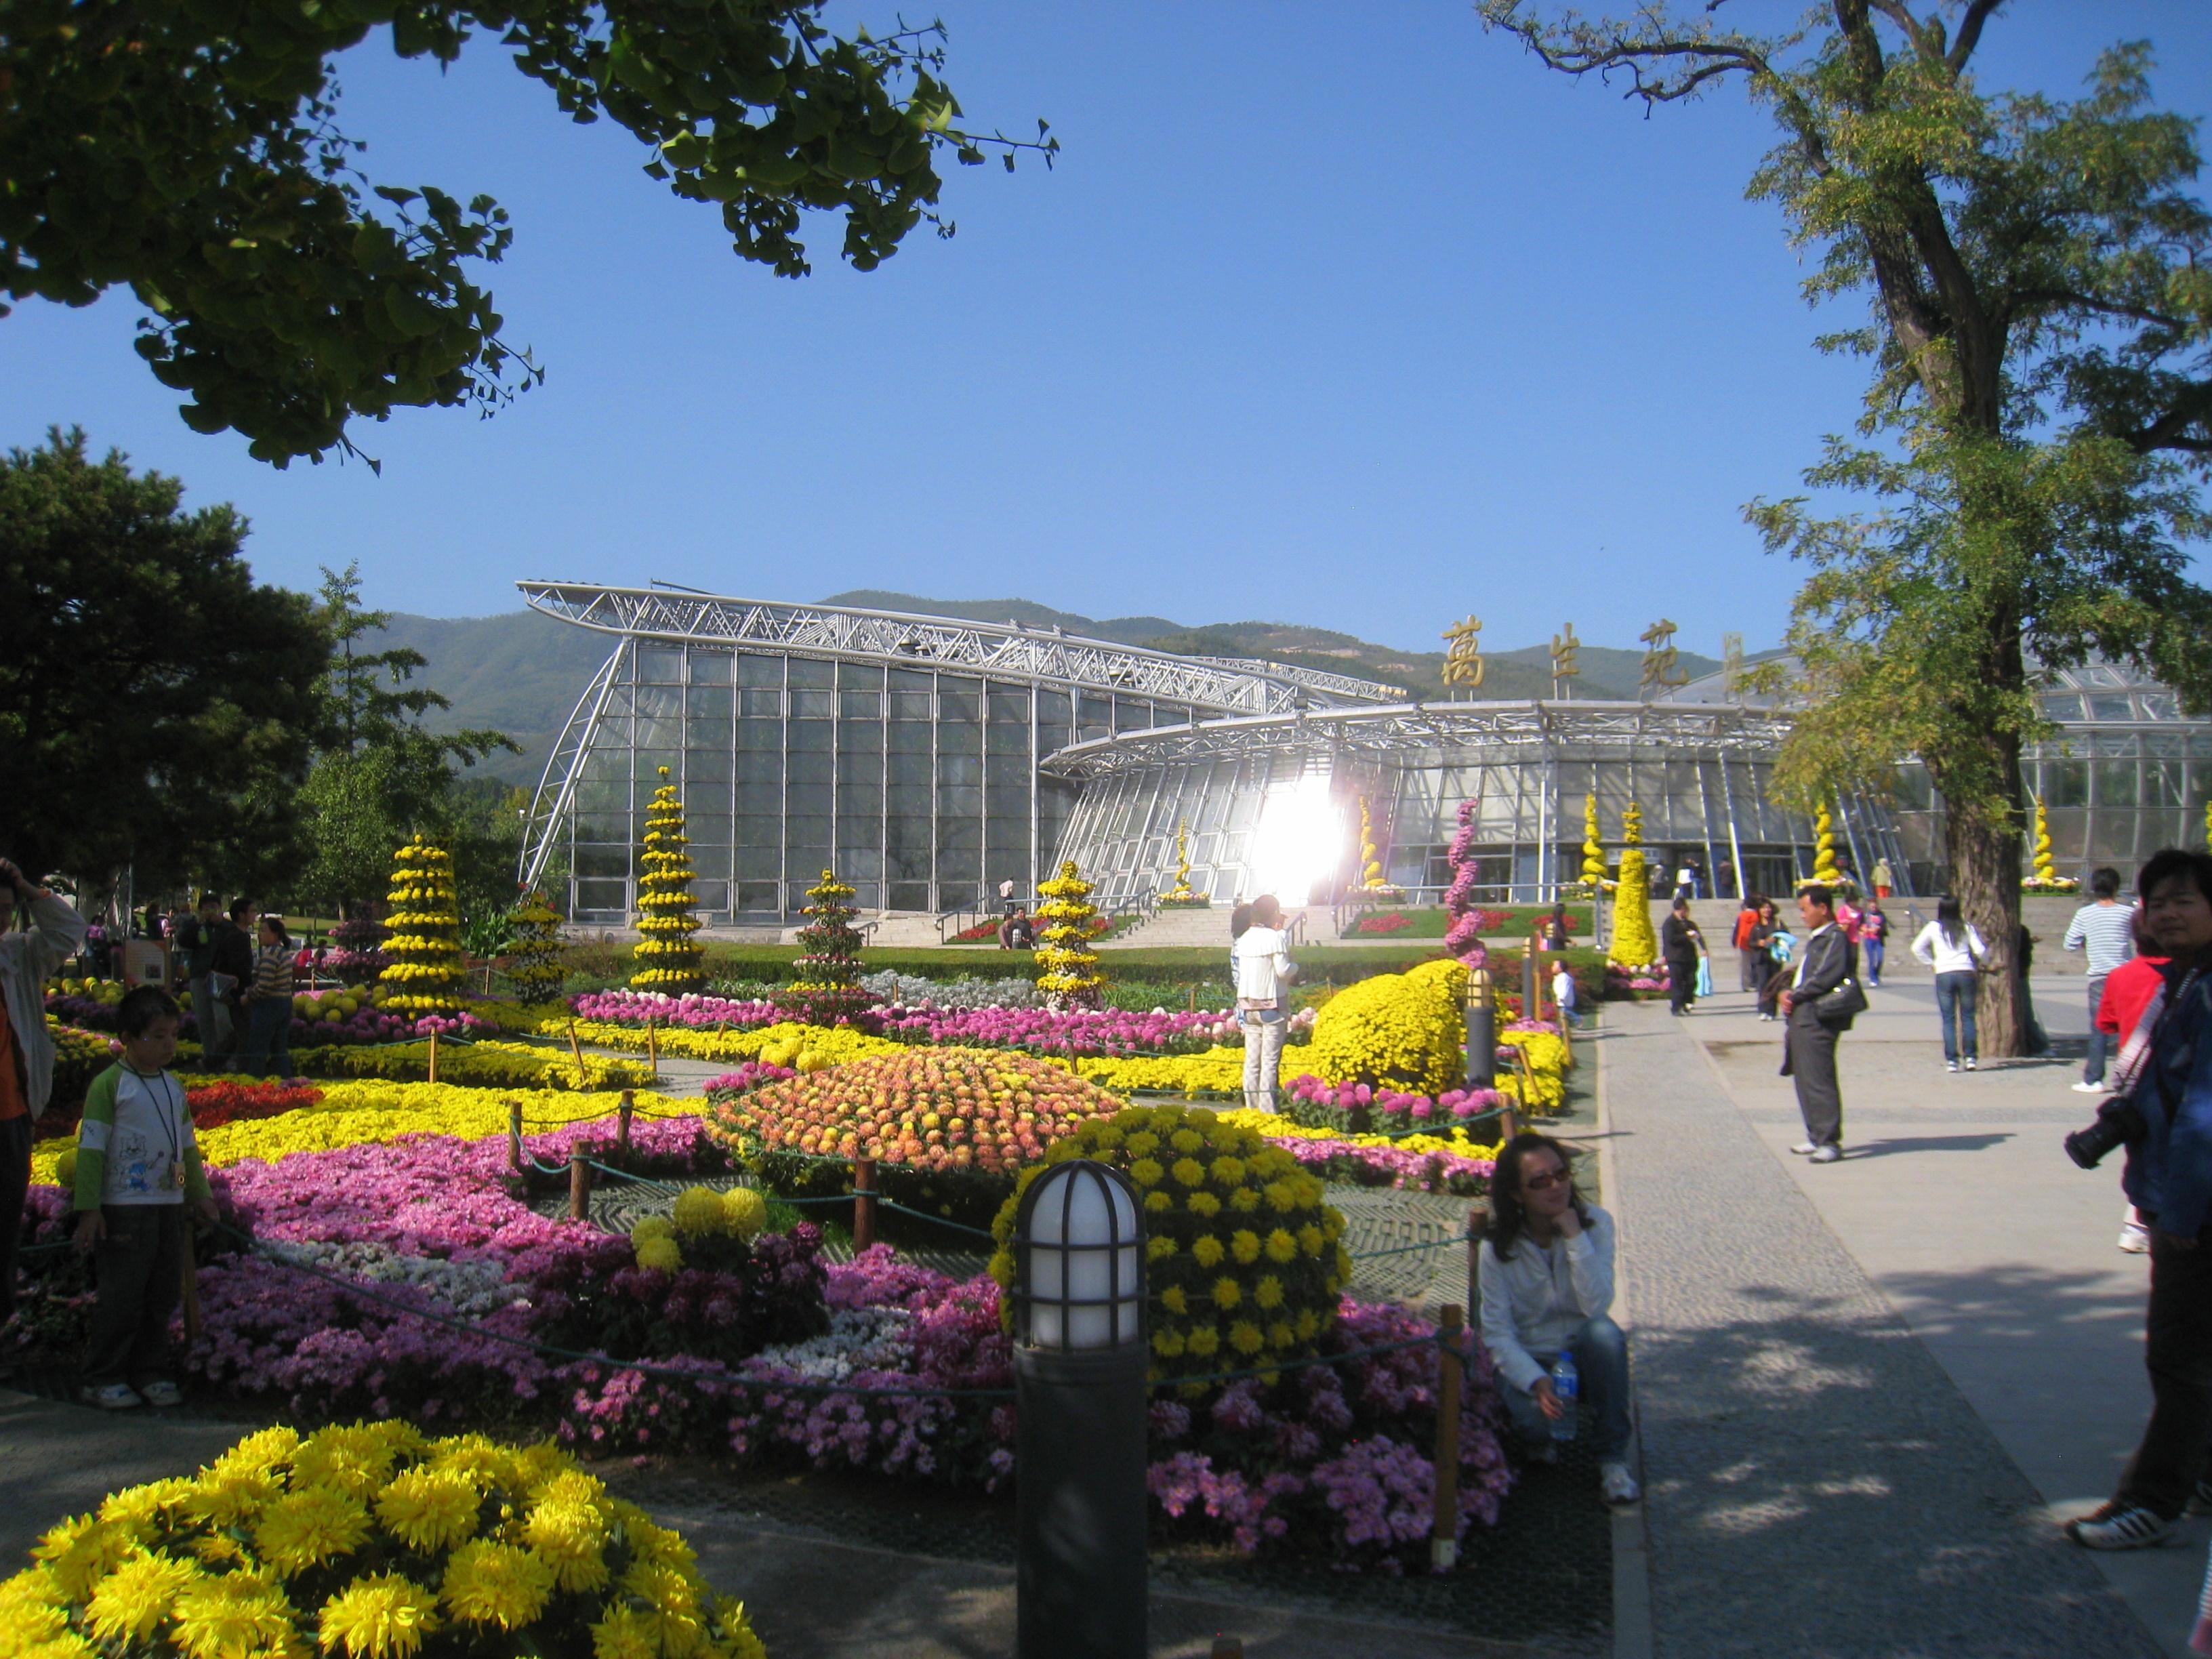 File:Beijing Botanical Garden - Oct 09 - IMG 1196.jpg